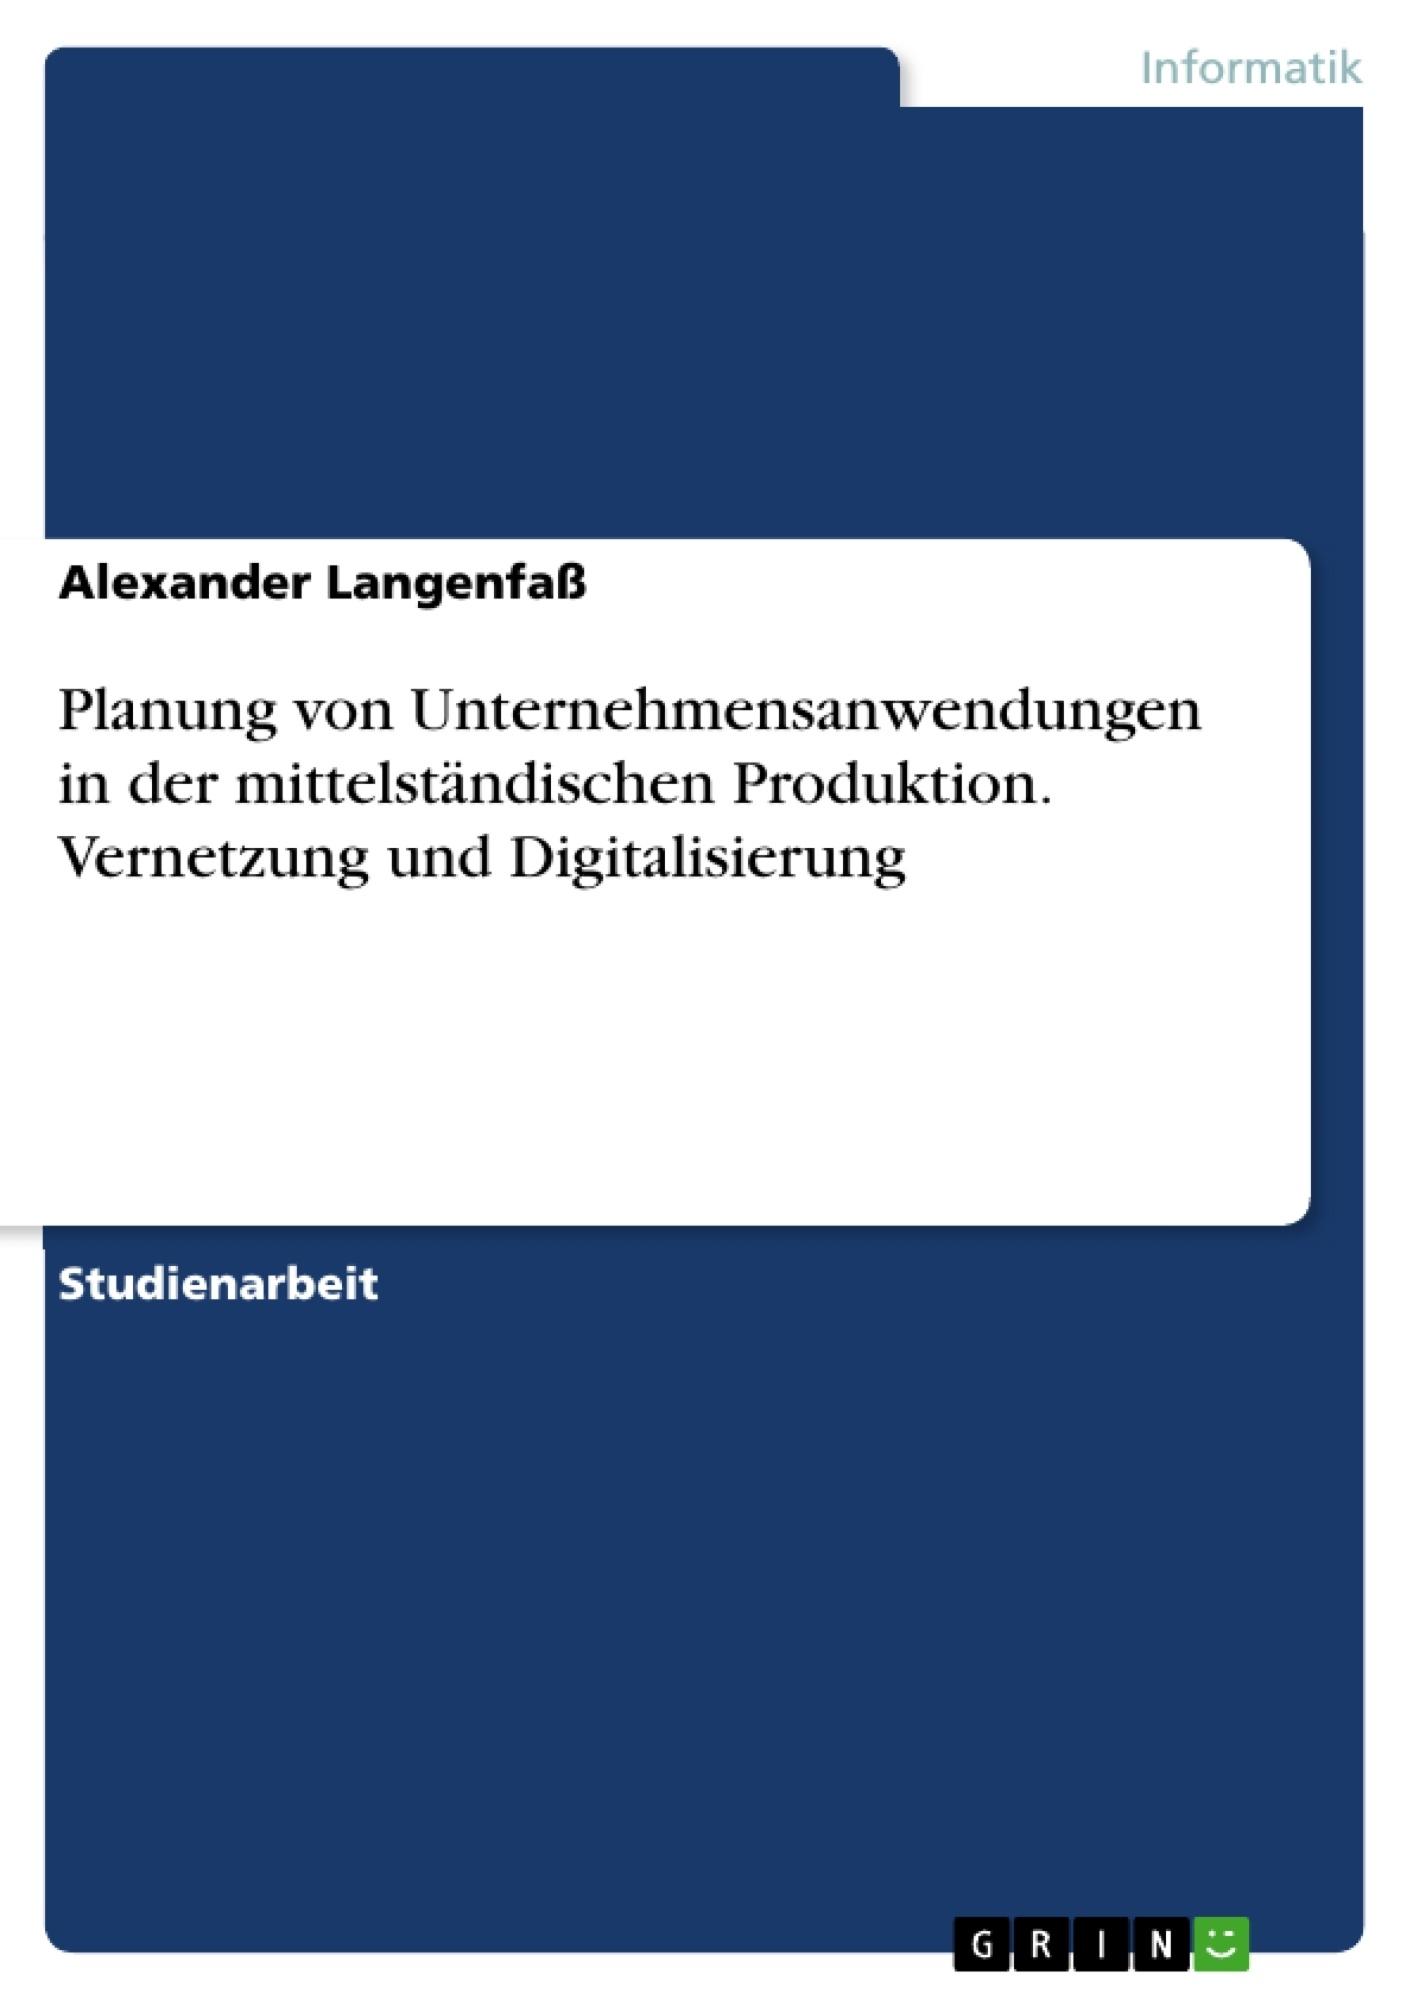 Titel: Planung von Unternehmensanwendungen in der mittelständischen Produktion. Vernetzung und Digitalisierung